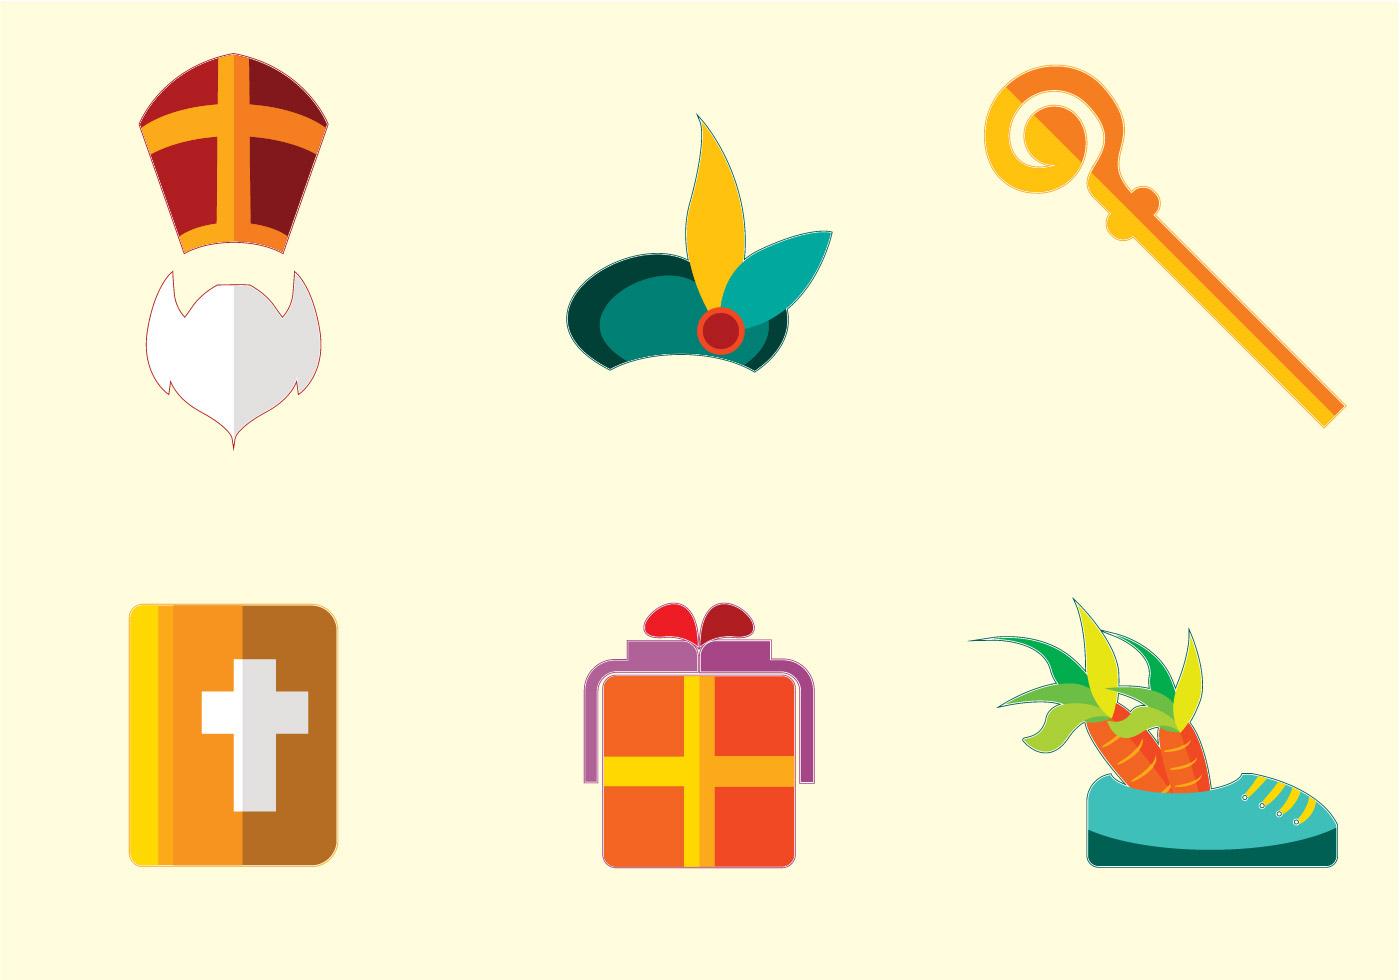 Sinterklaas Free Vector Art - (24,212 Free Downloads)